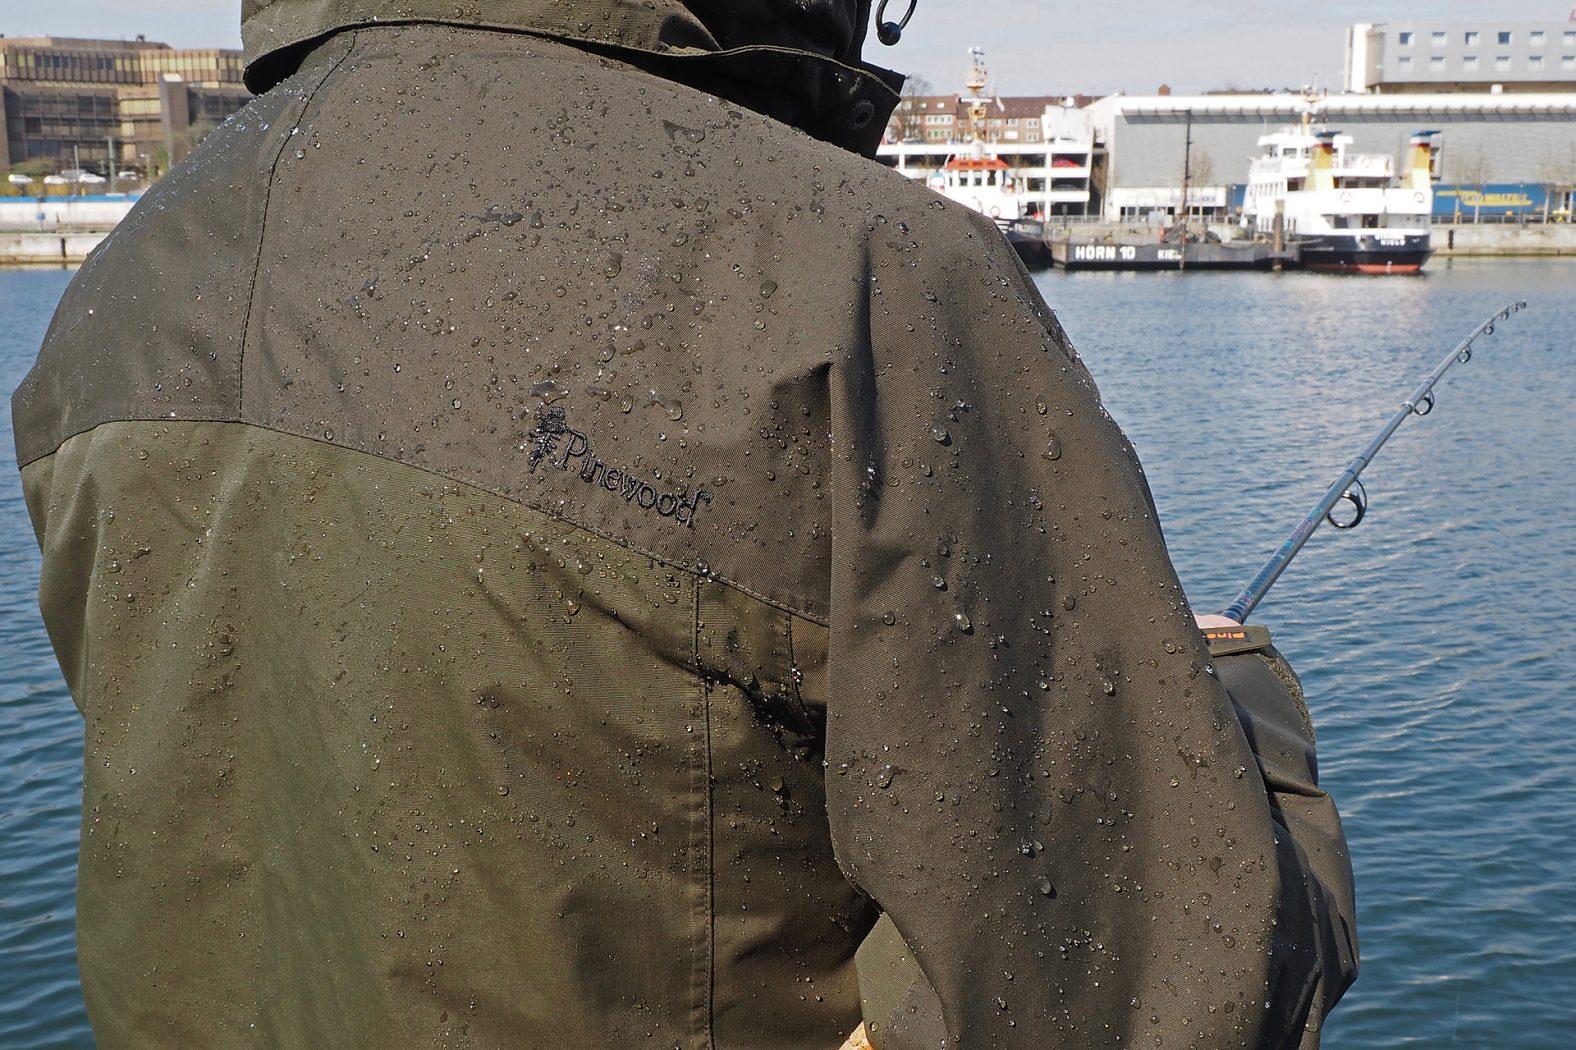 Jacke waschen und impragnieren